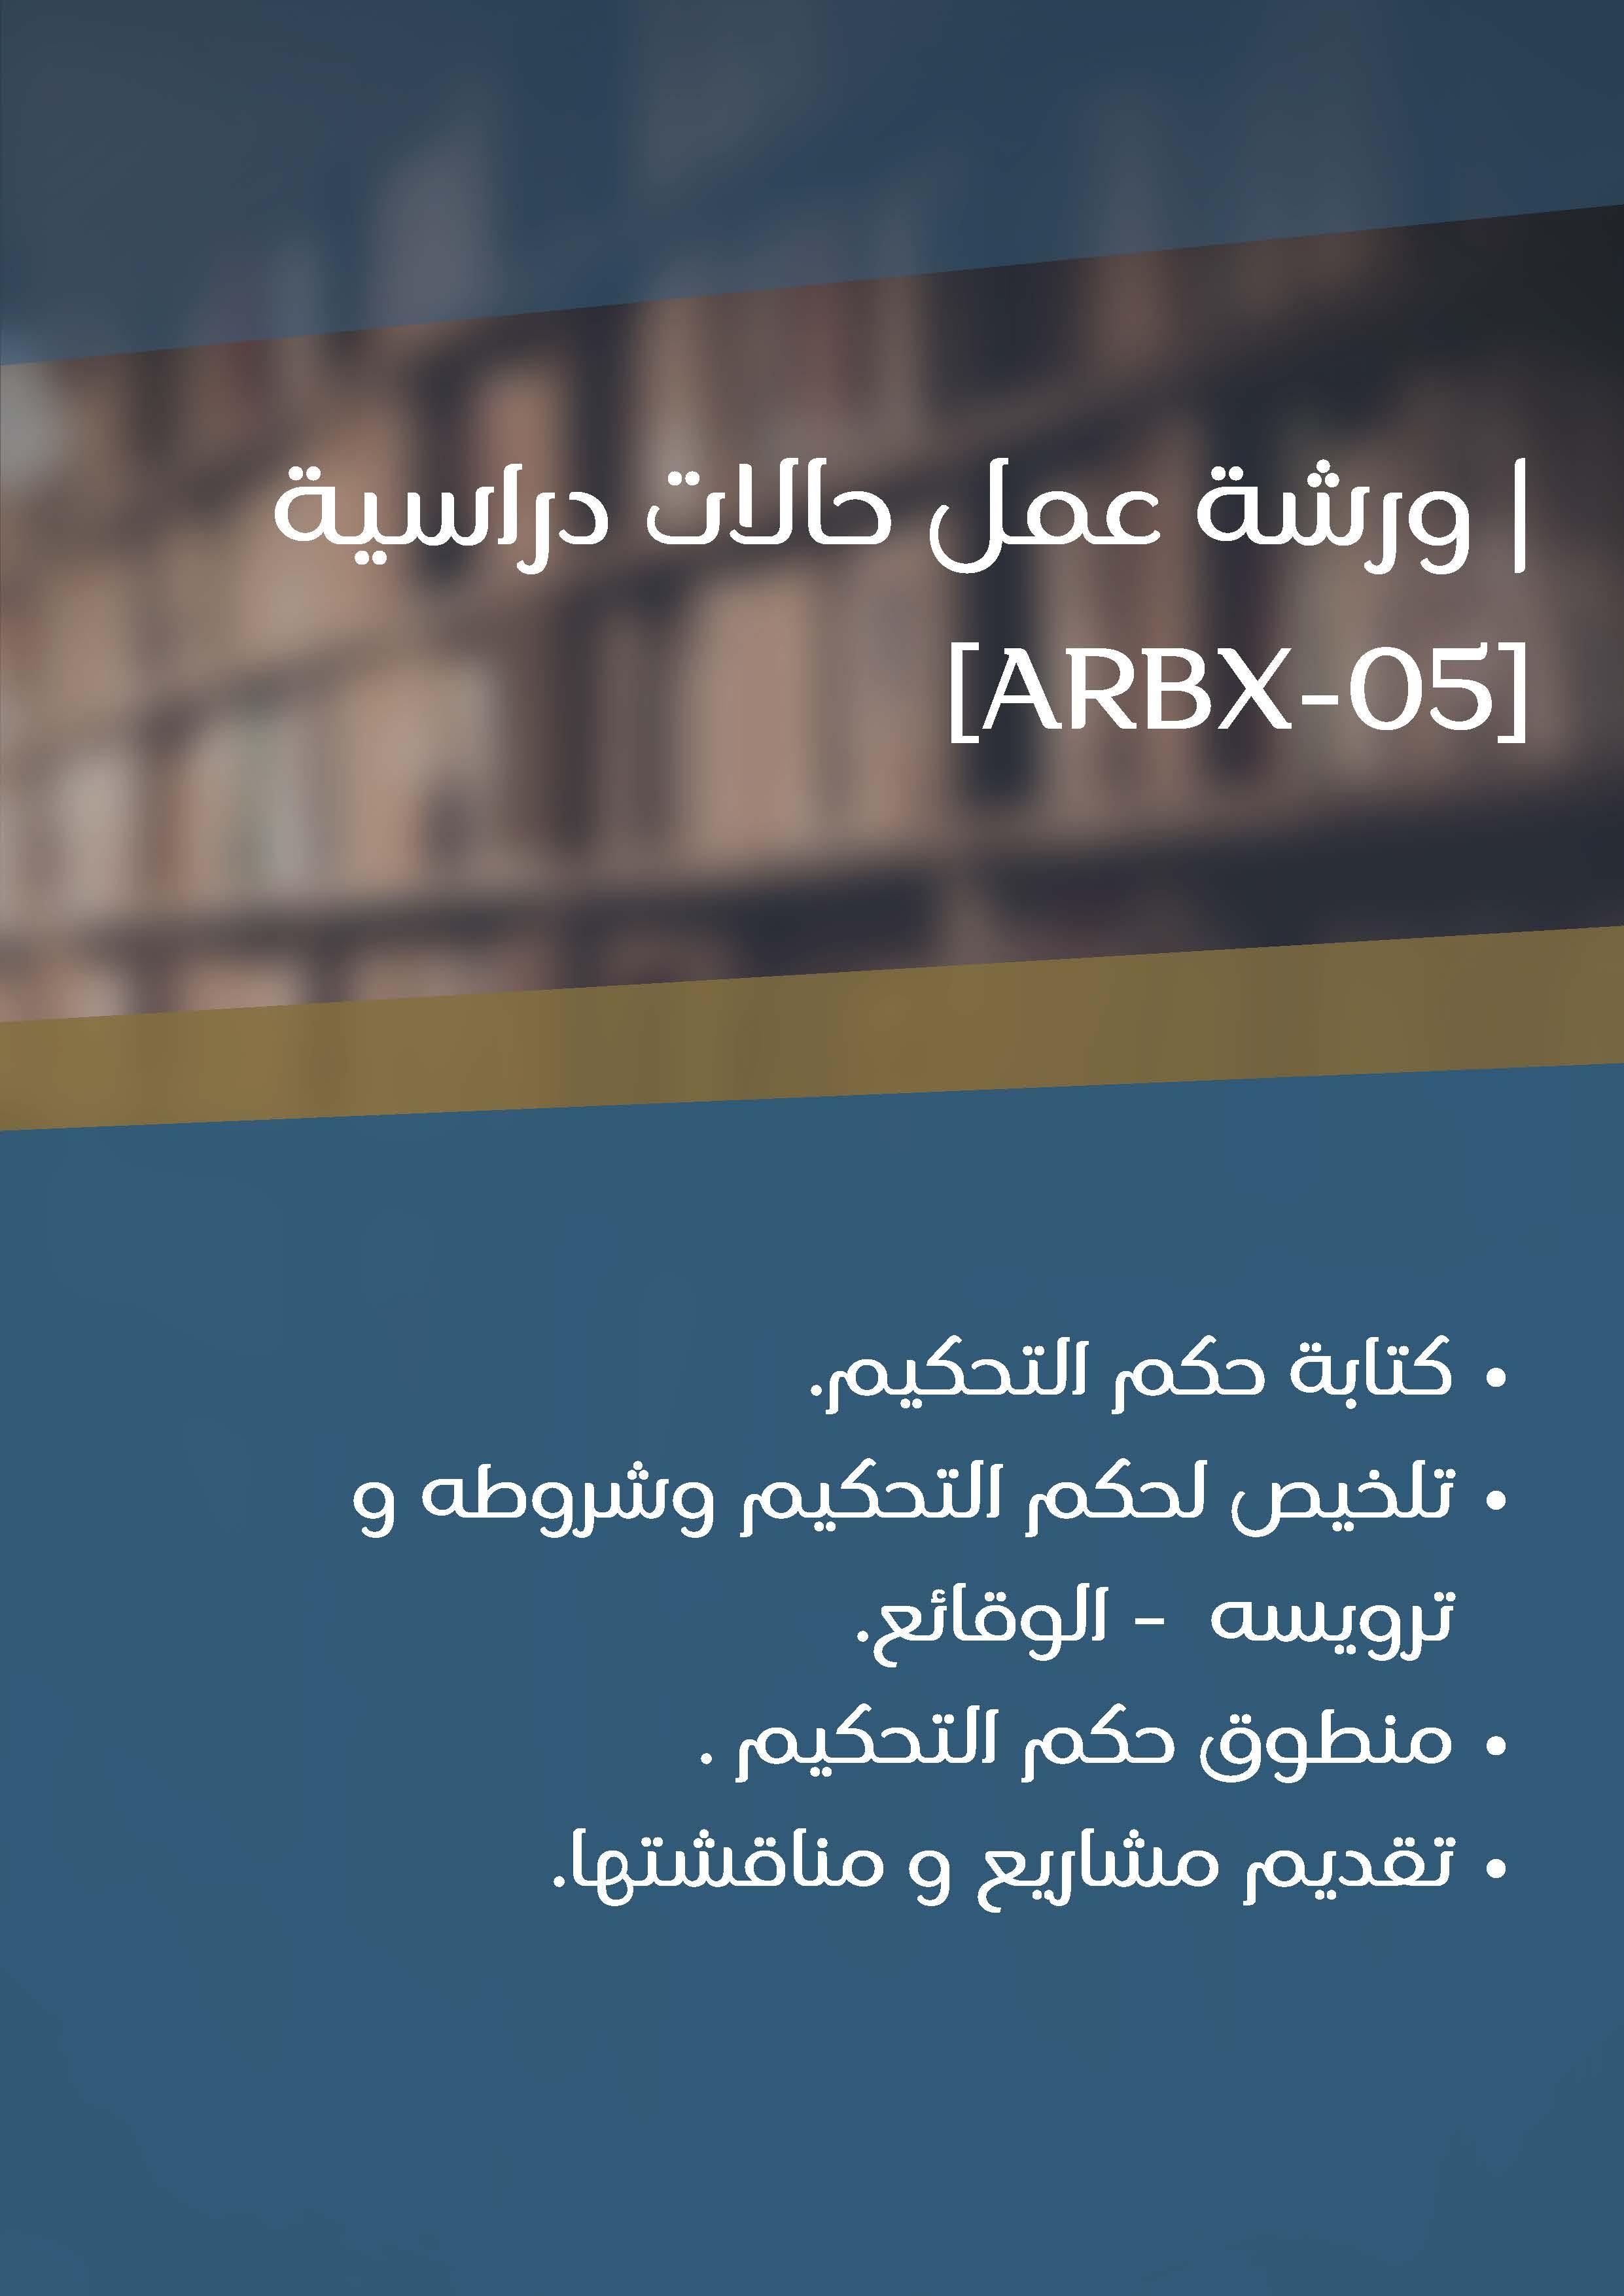 ARBX 05  ورشة عمل حالات دراسية